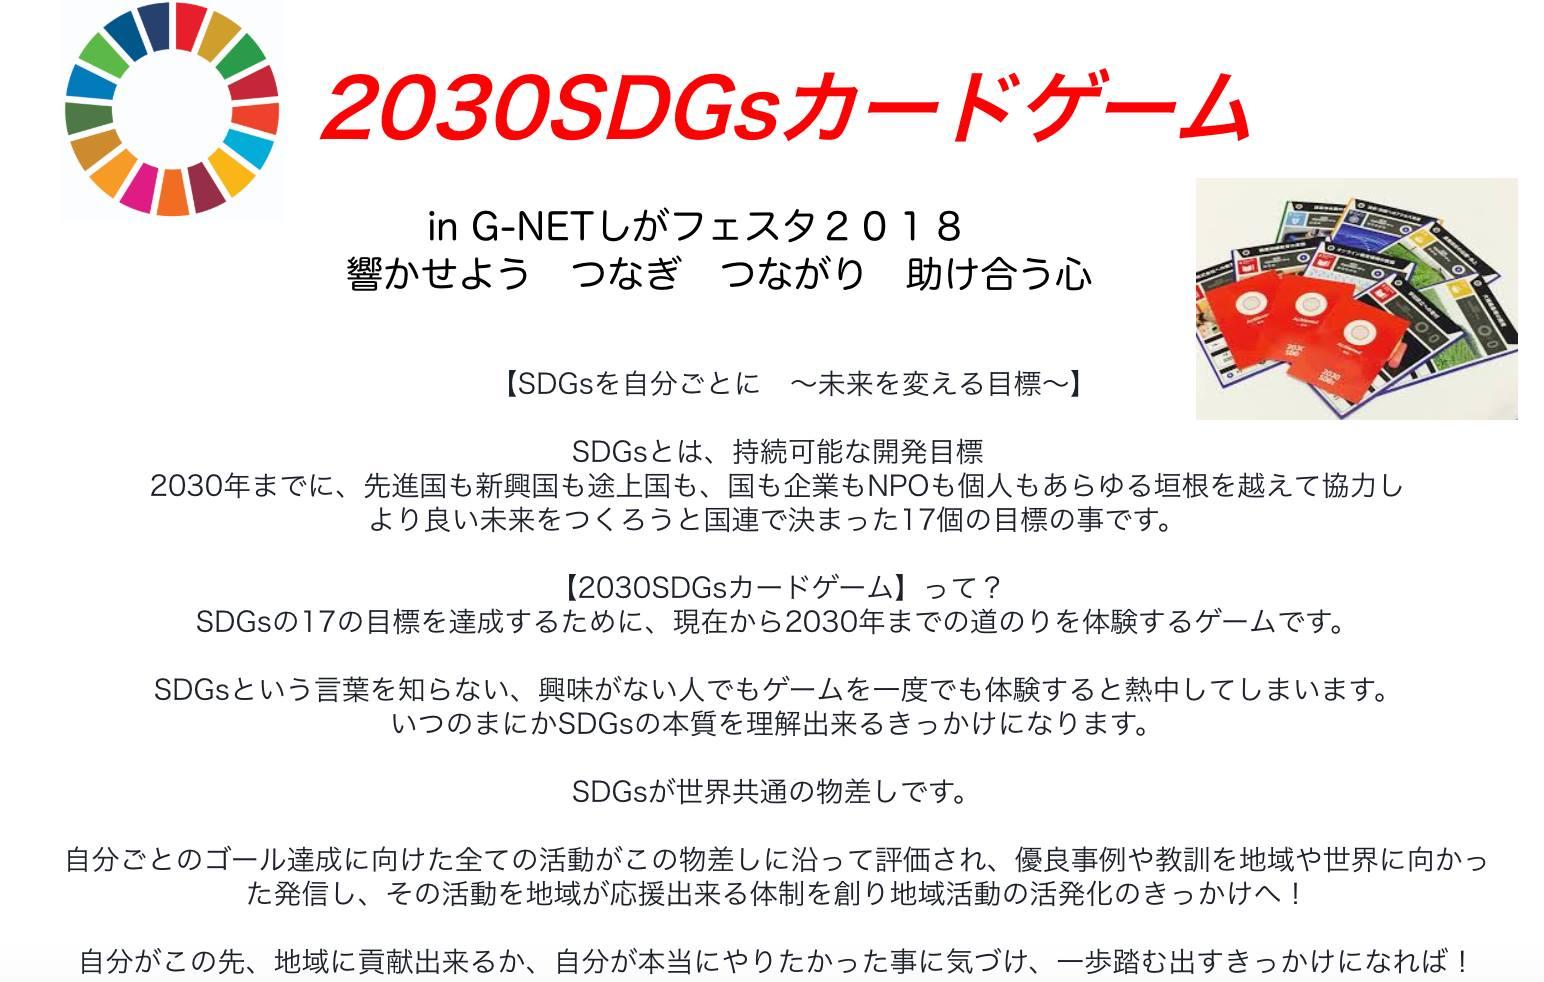 2030SDGsカードゲーム in G-netしがフェスタ2018